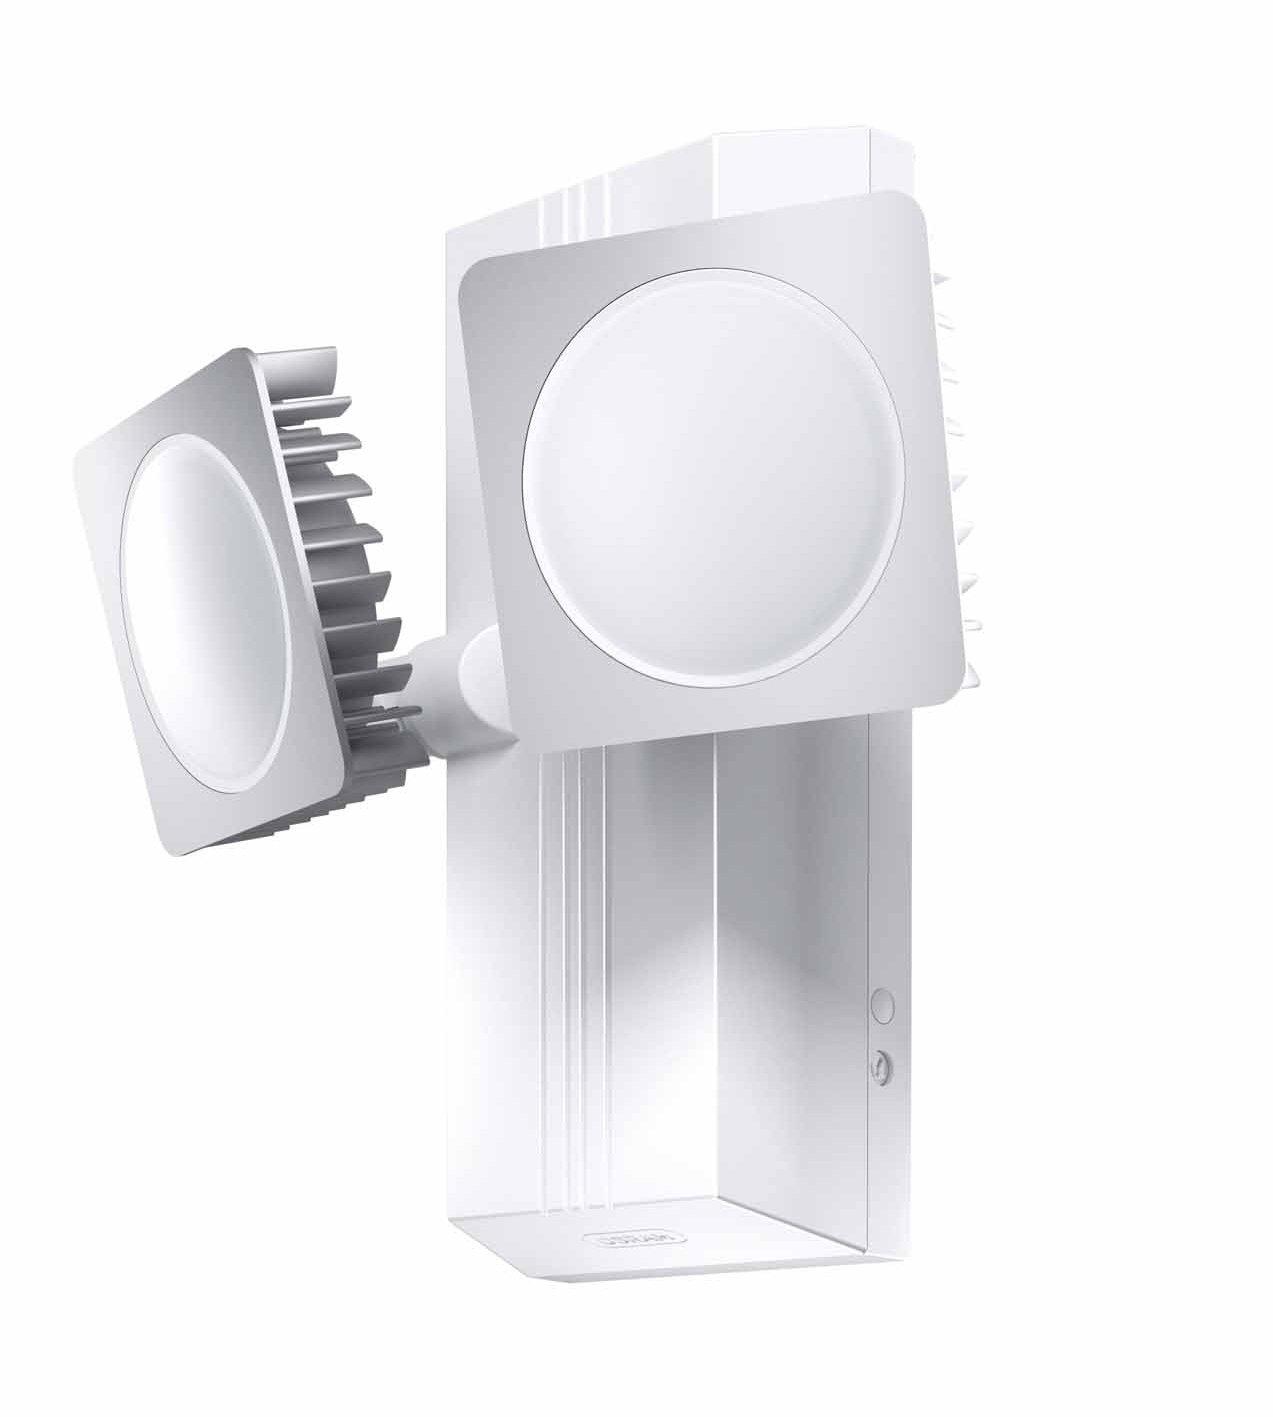 Cool Osram LED-Wandleuchte, Noxlite, Außenleuchte, Bewegungsmelder  SC07